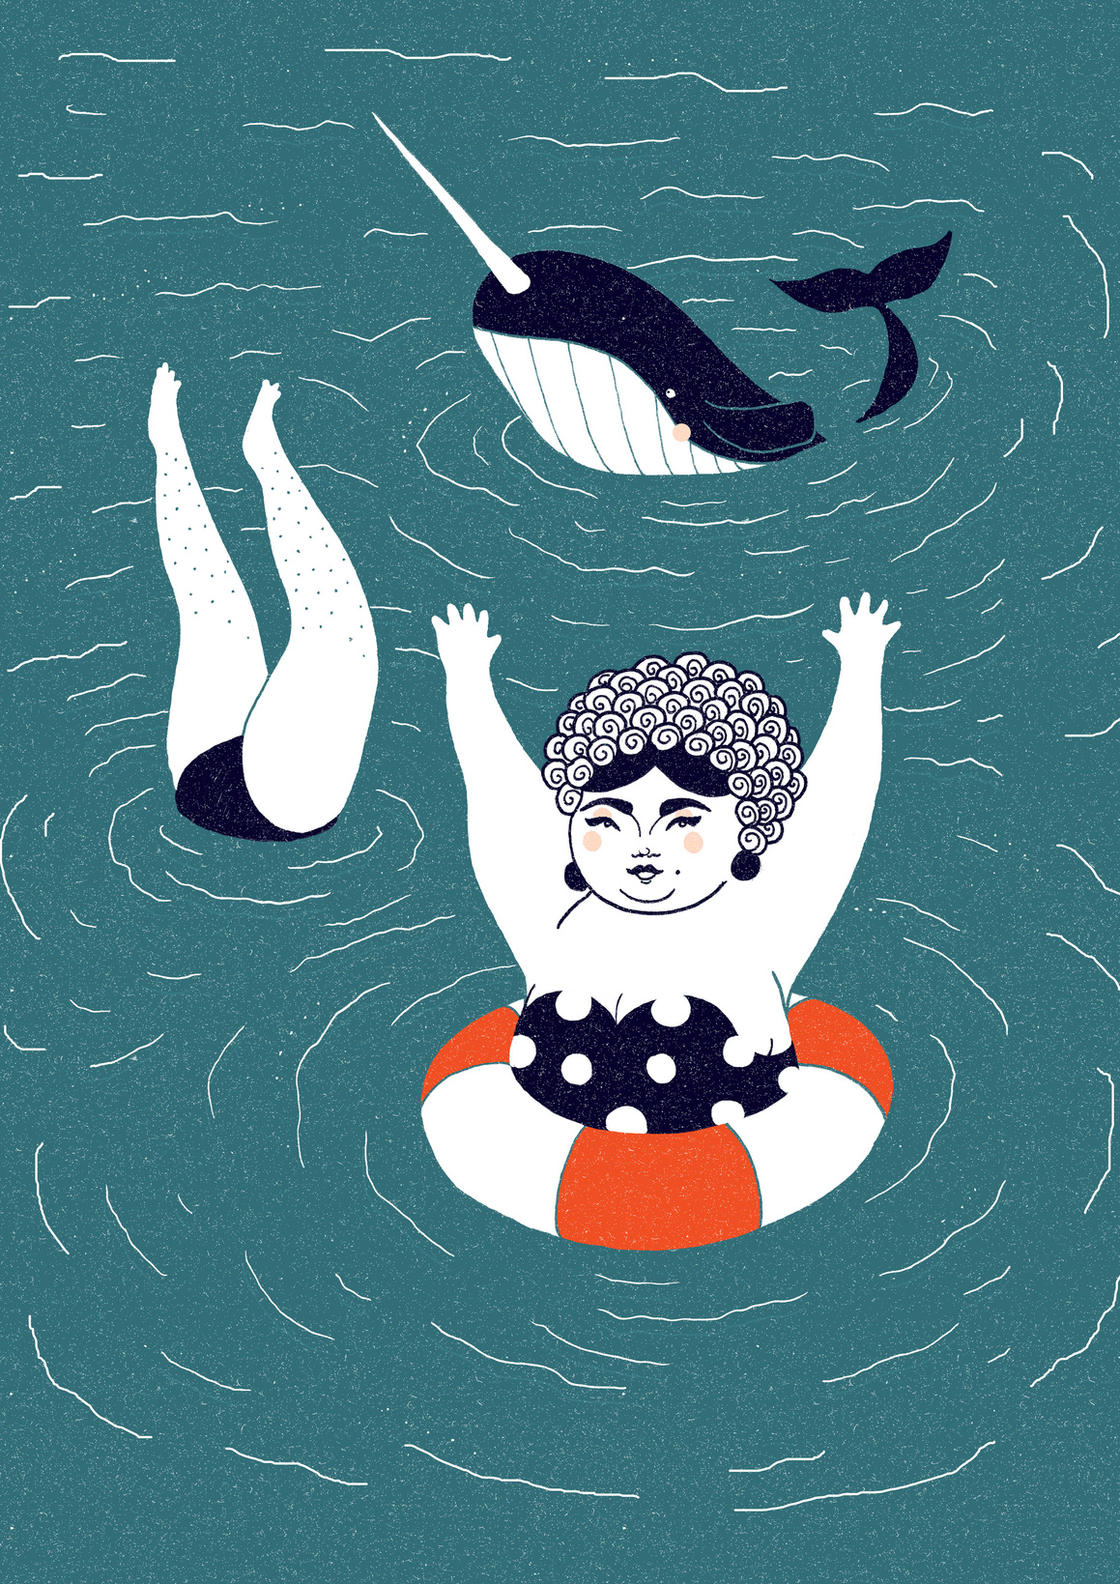 Moodboard – Une selection d'illustrations douces et poetiques